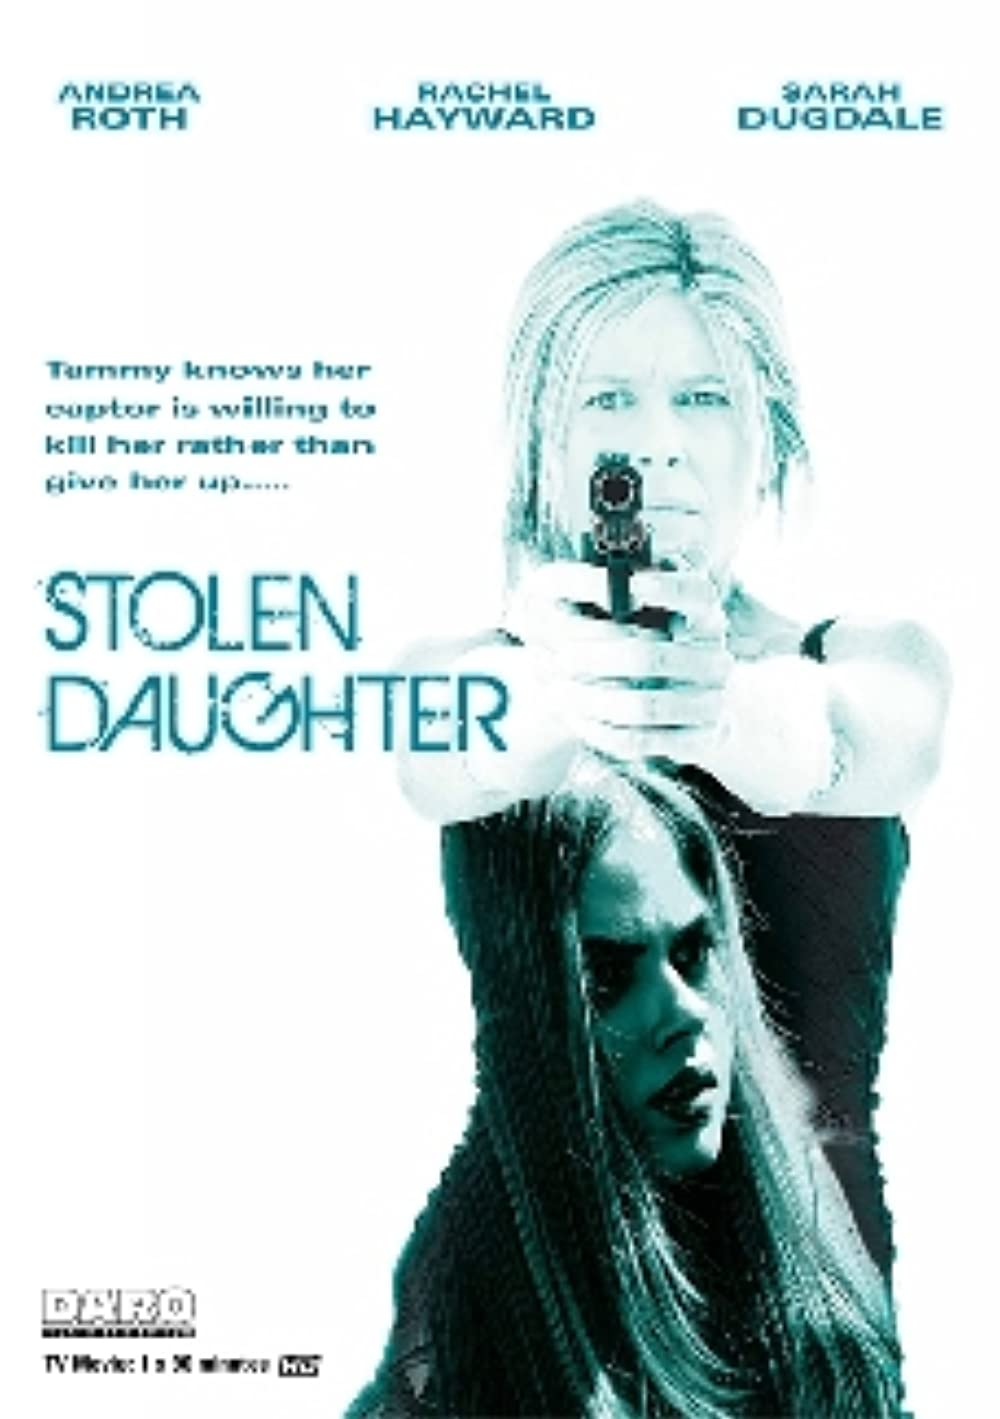 STOLEN DAUGHTER